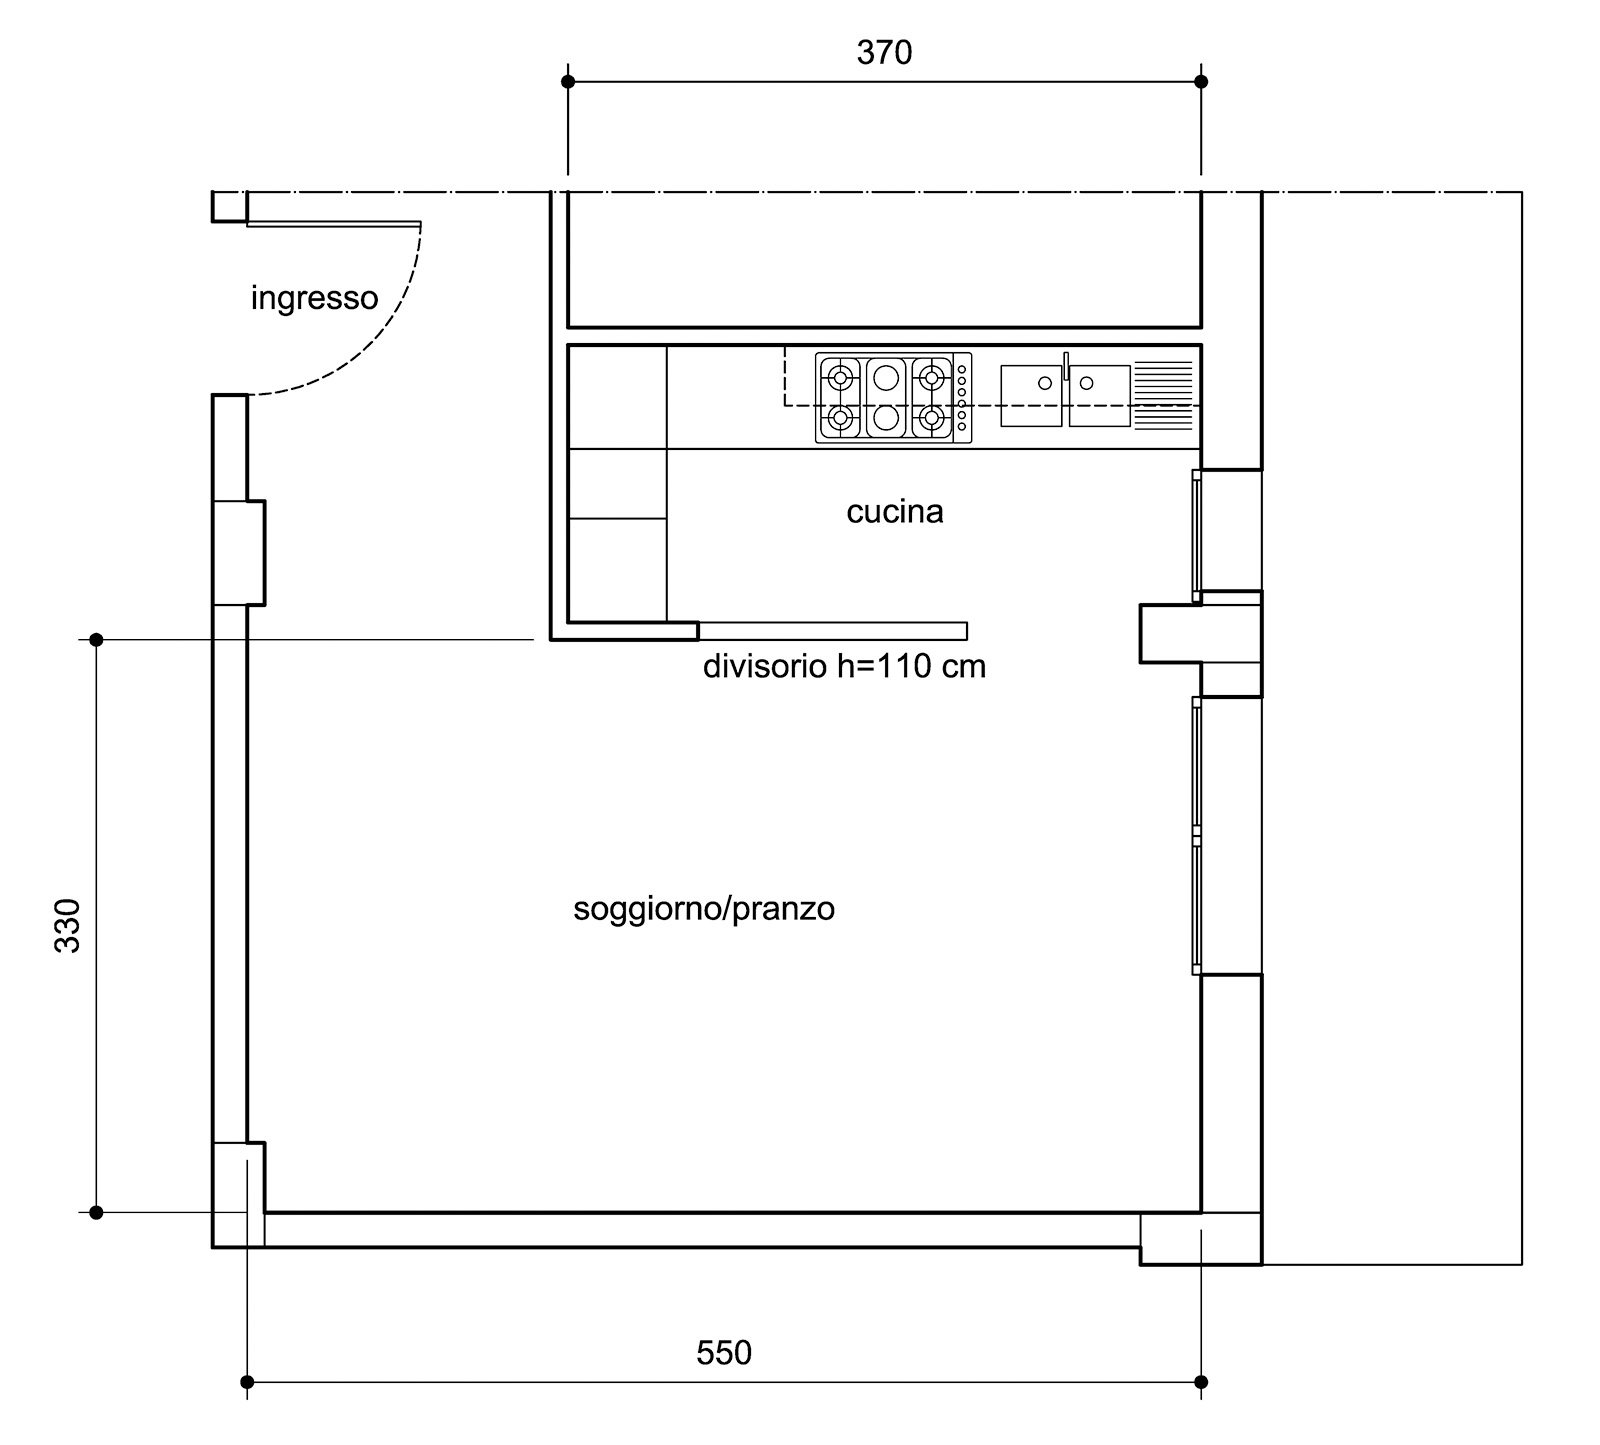 Arredare Il Soggiorno Zona Pranzo Con Cucina A Vista Cose Di Casa #4A4A4A 1600 1445 Come Arredare Cucina Con Travi A Vista